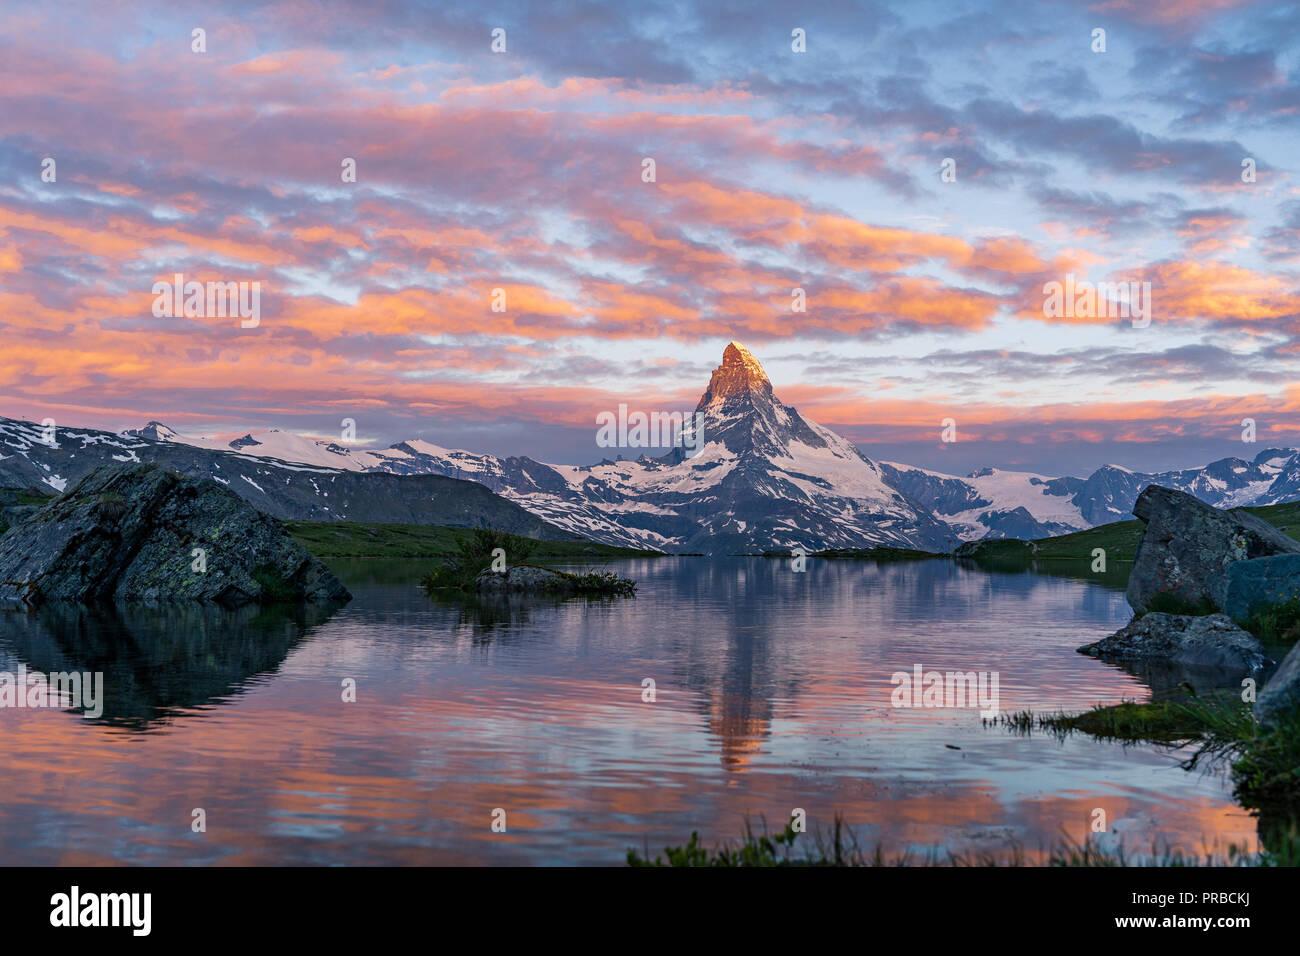 Matin tourné de la golden Matterhorn (Monte Cervino, Mont Cervin) et le lac Stellisee pyramide bleue. Lever du soleil sur montagnes. Valai Banque D'Images